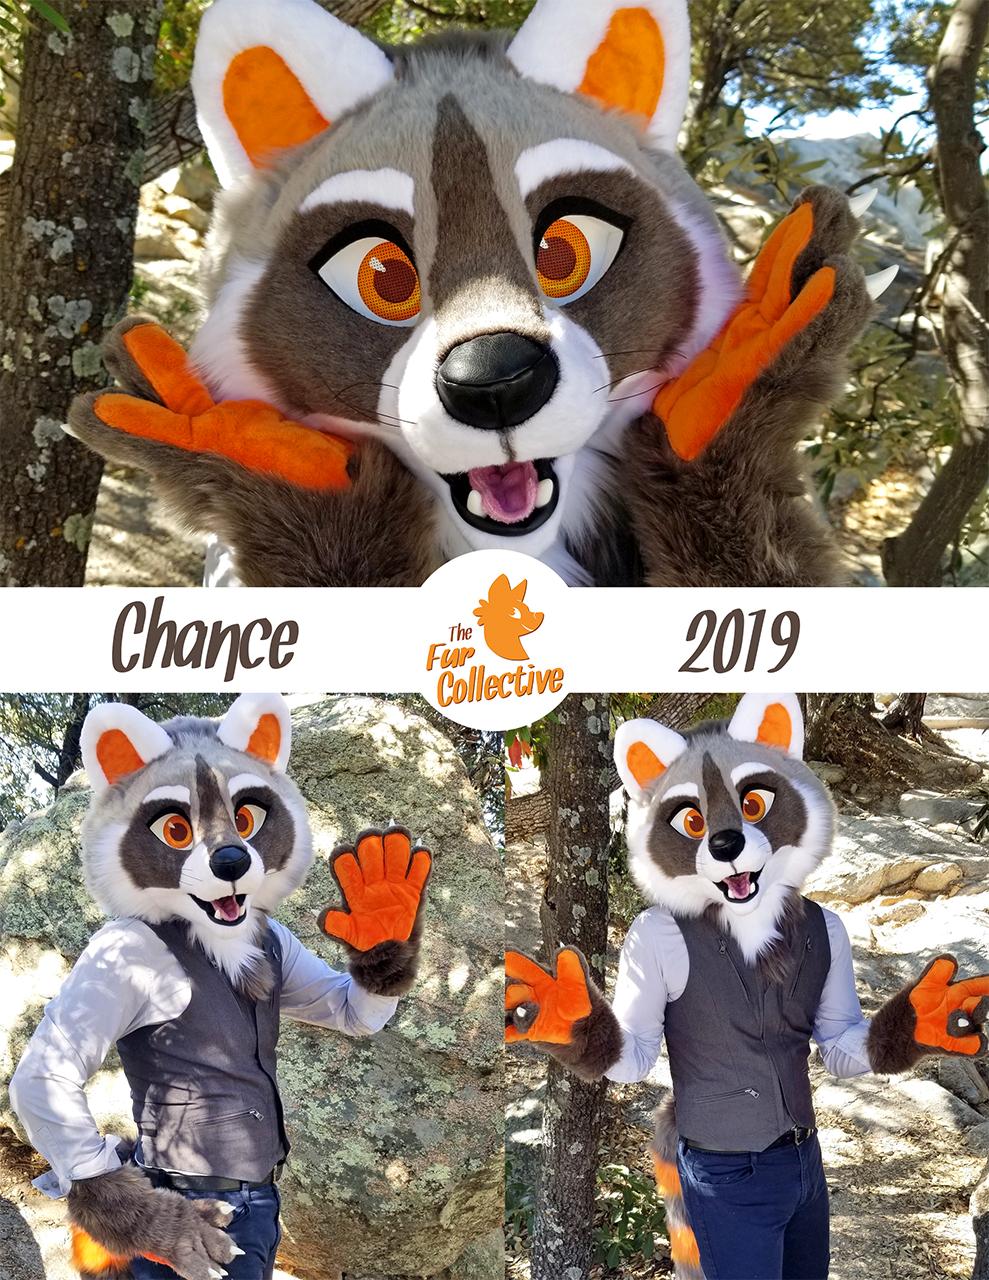 Chance the Raccoon!